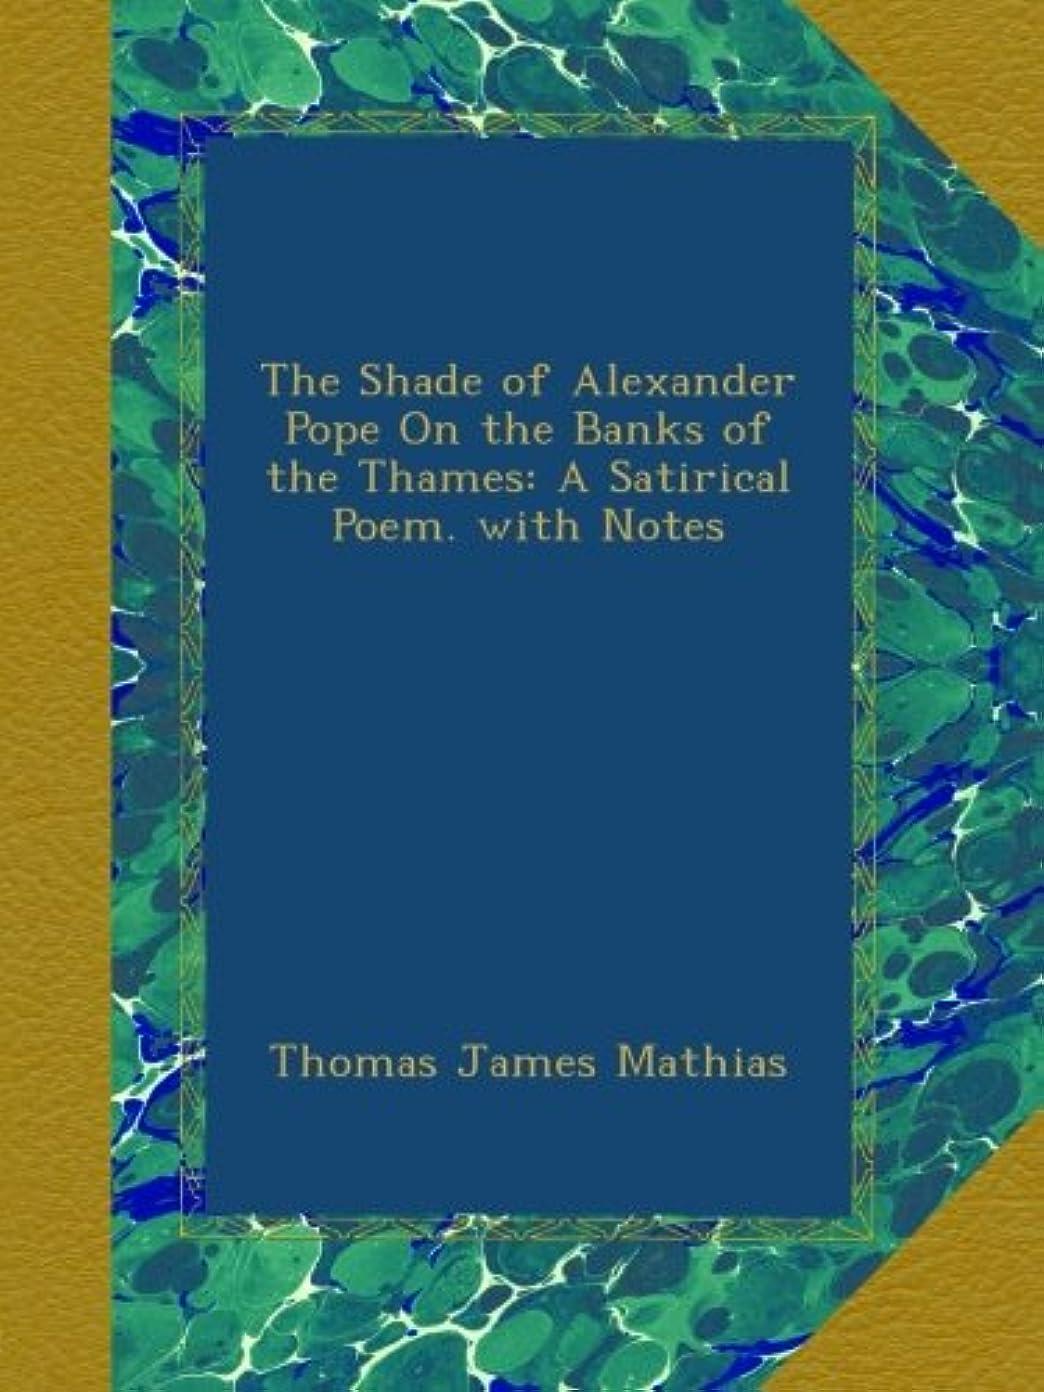 小石環境悪名高いThe Shade of Alexander Pope On the Banks of the Thames: A Satirical Poem. with Notes